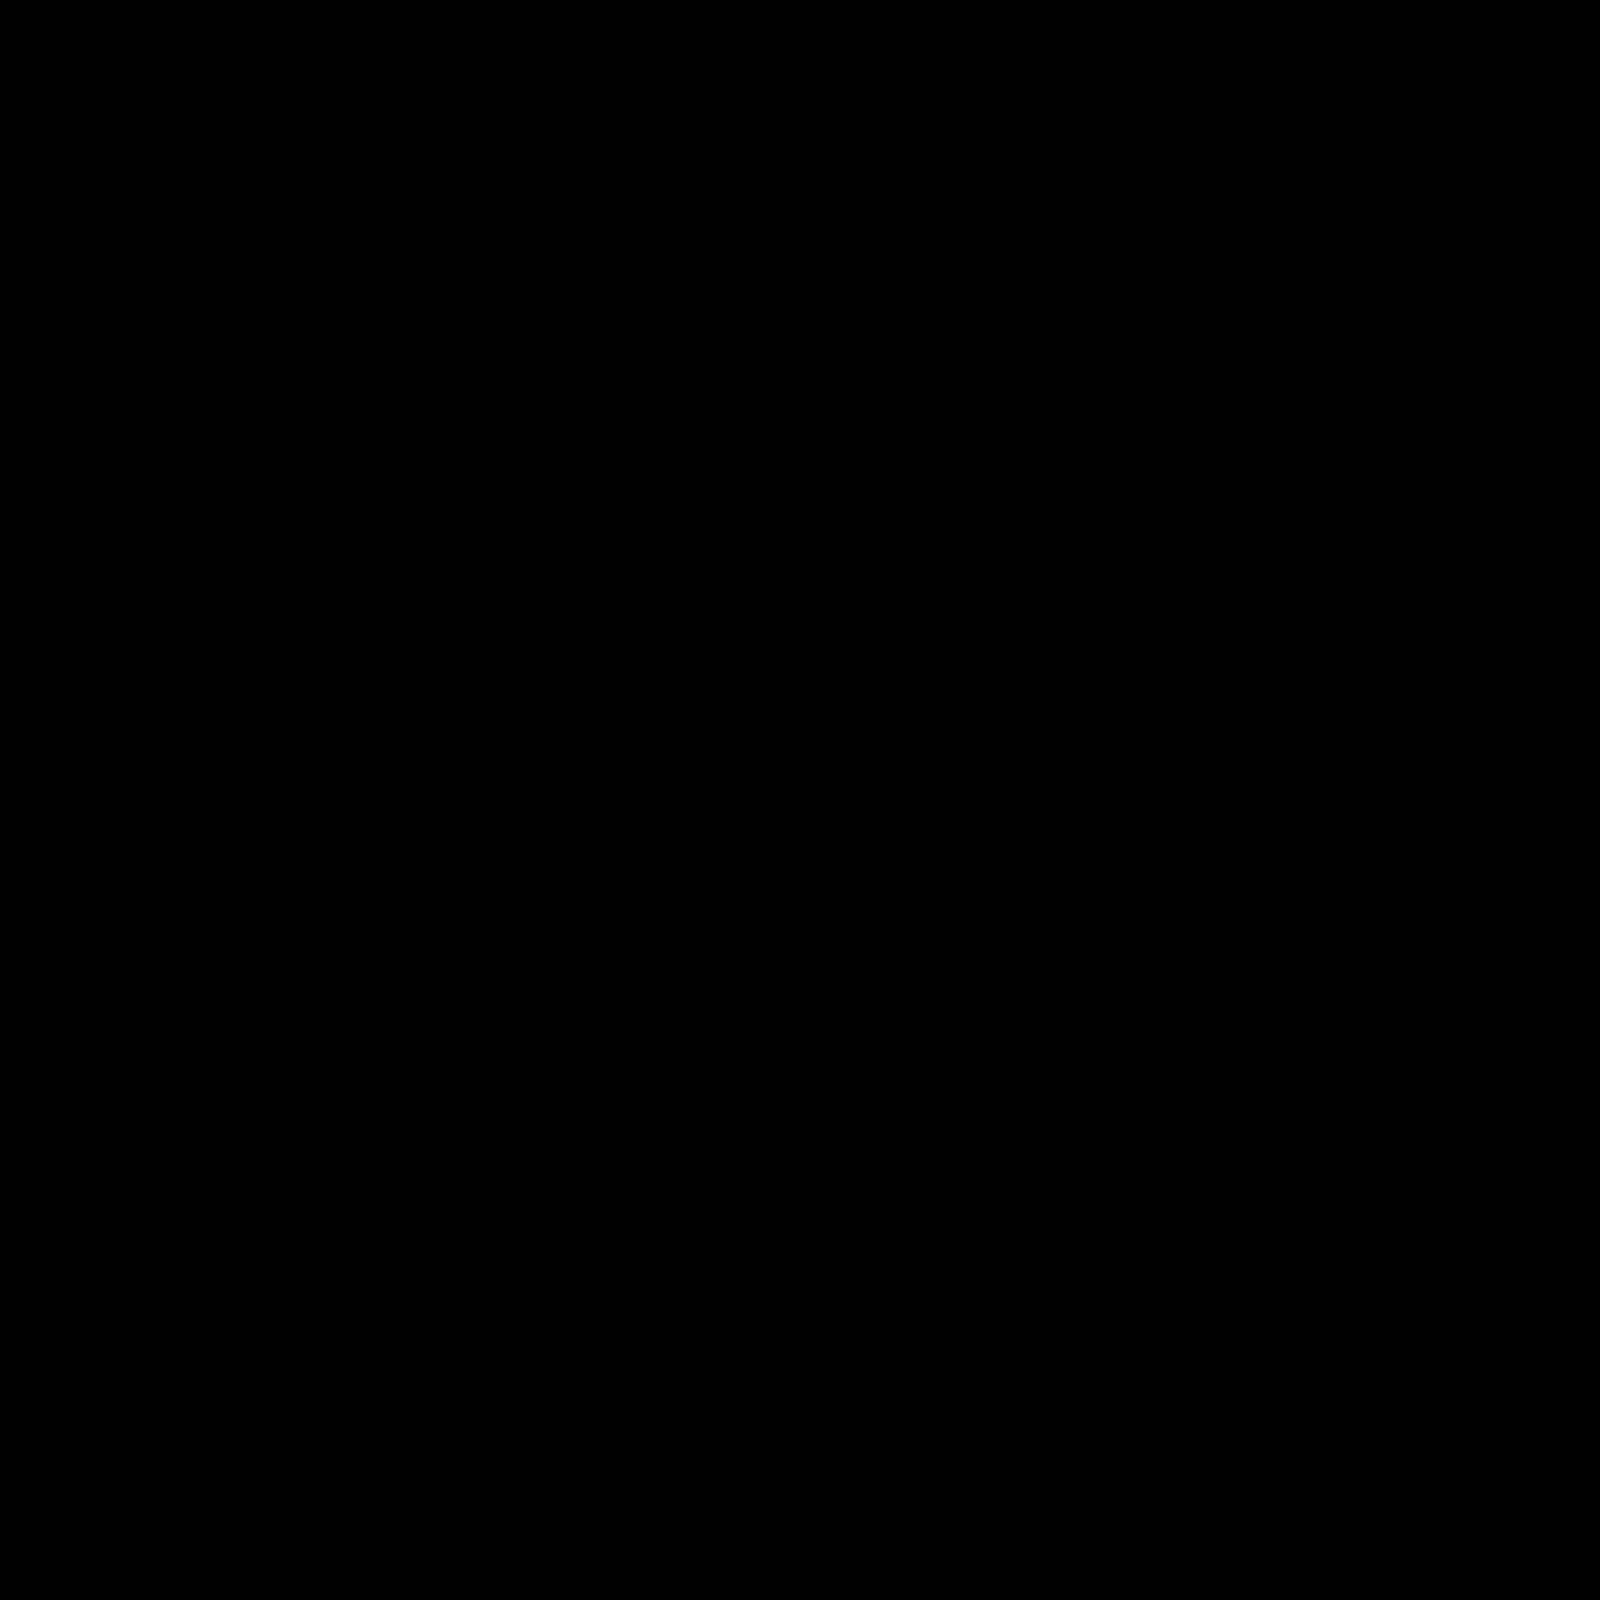 clipart Usb icono descarga gratuita. Vector contains logo